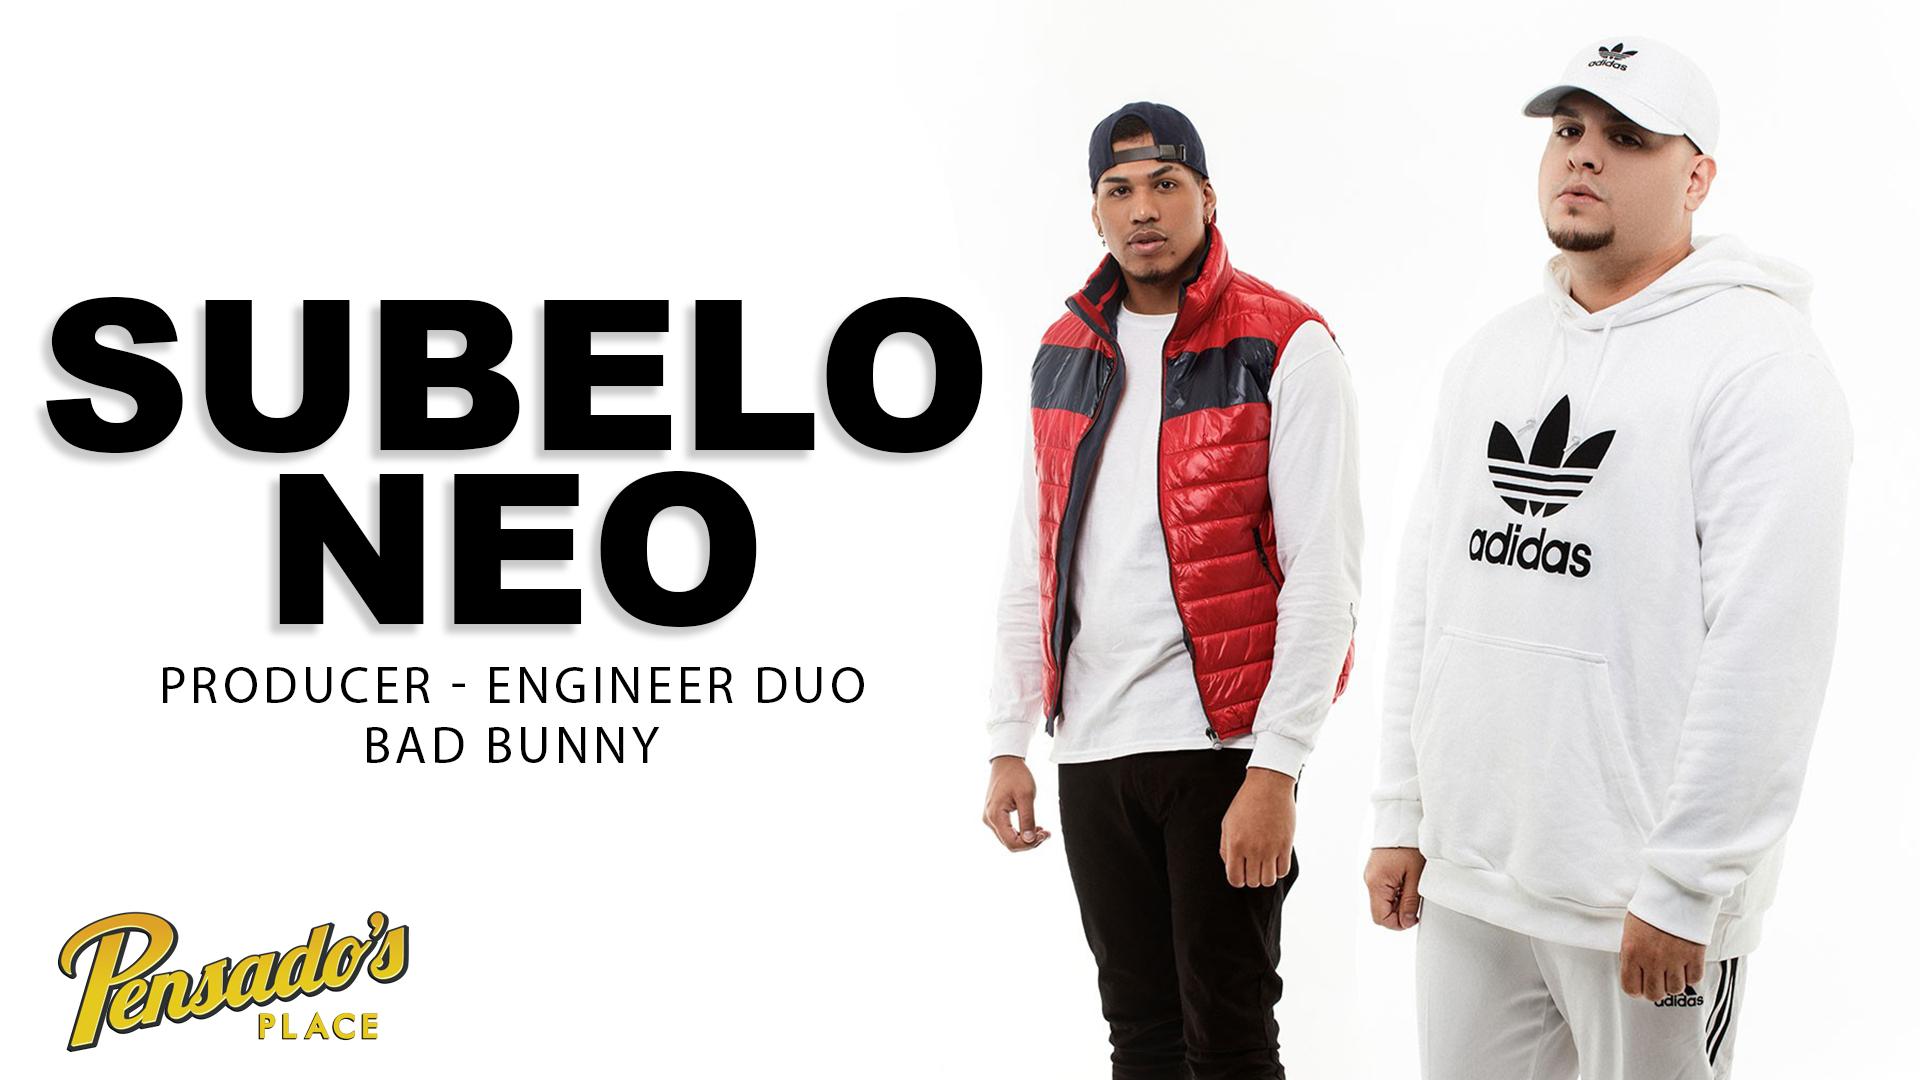 Production Duo, Subelo Neo (Bad Bunny)